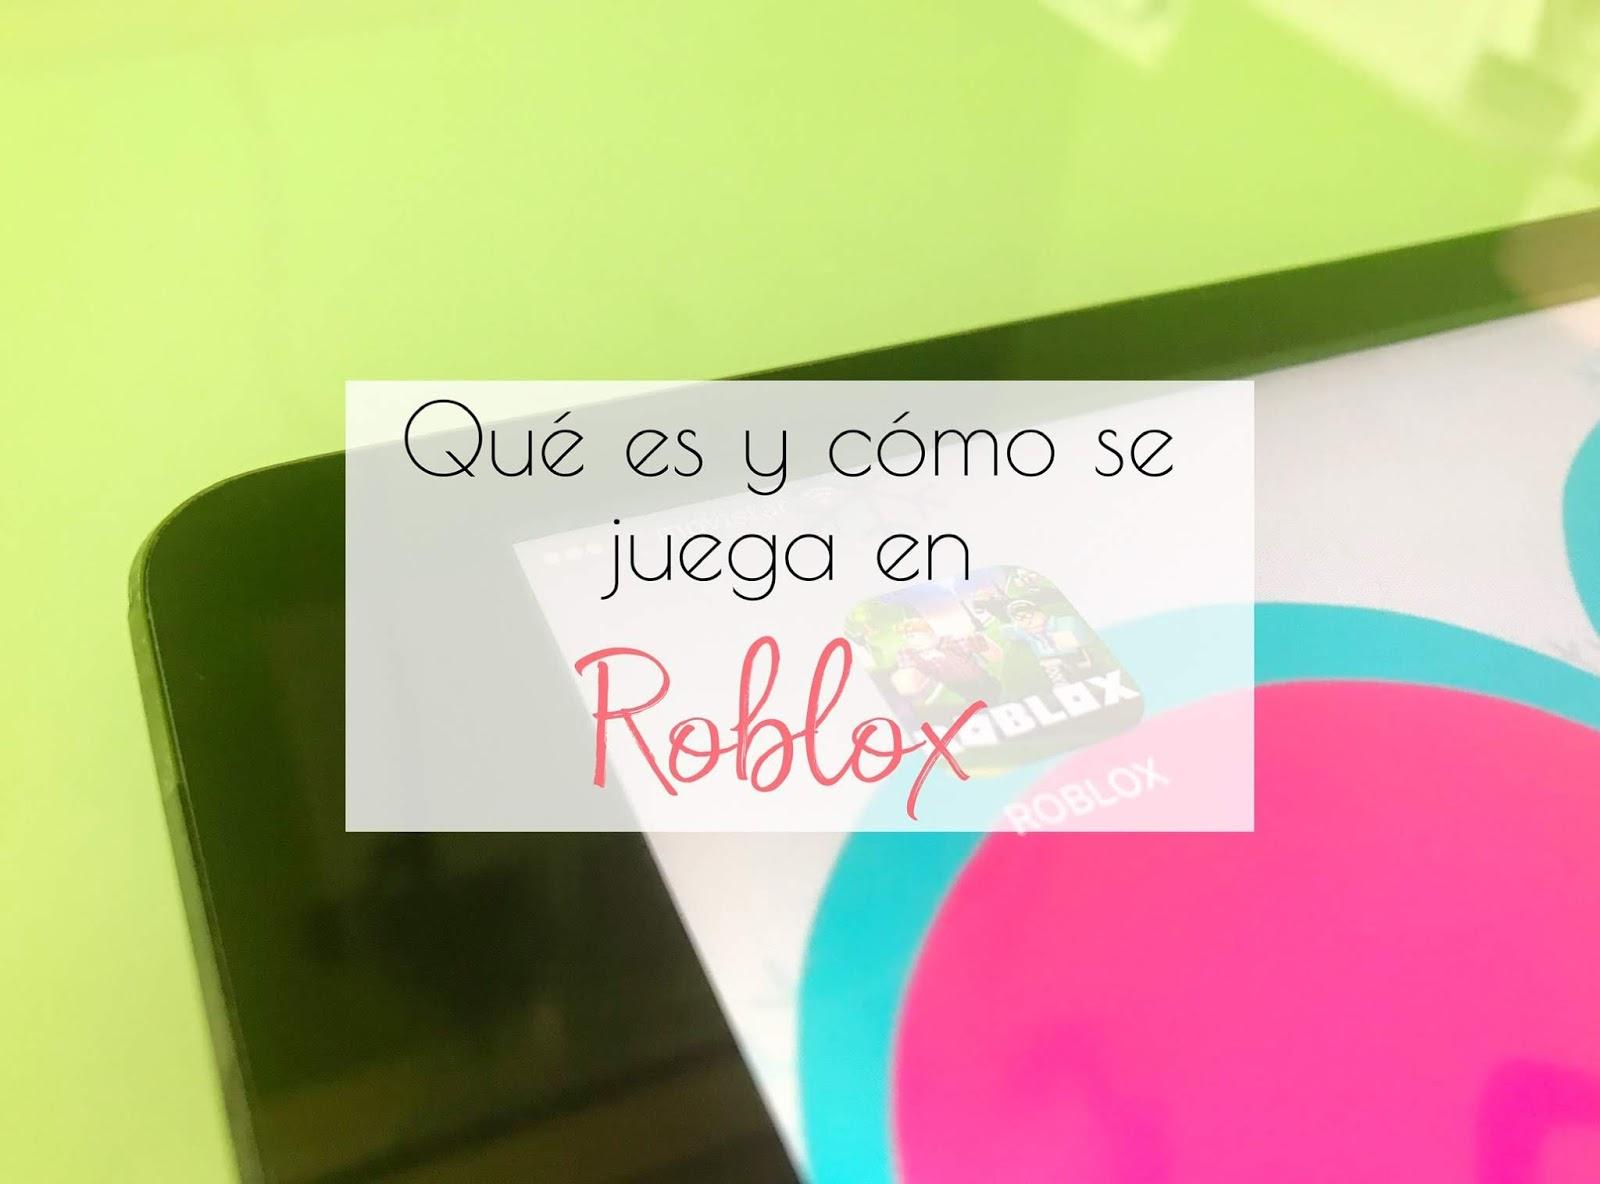 Qué es y cómo se juega en Roblox